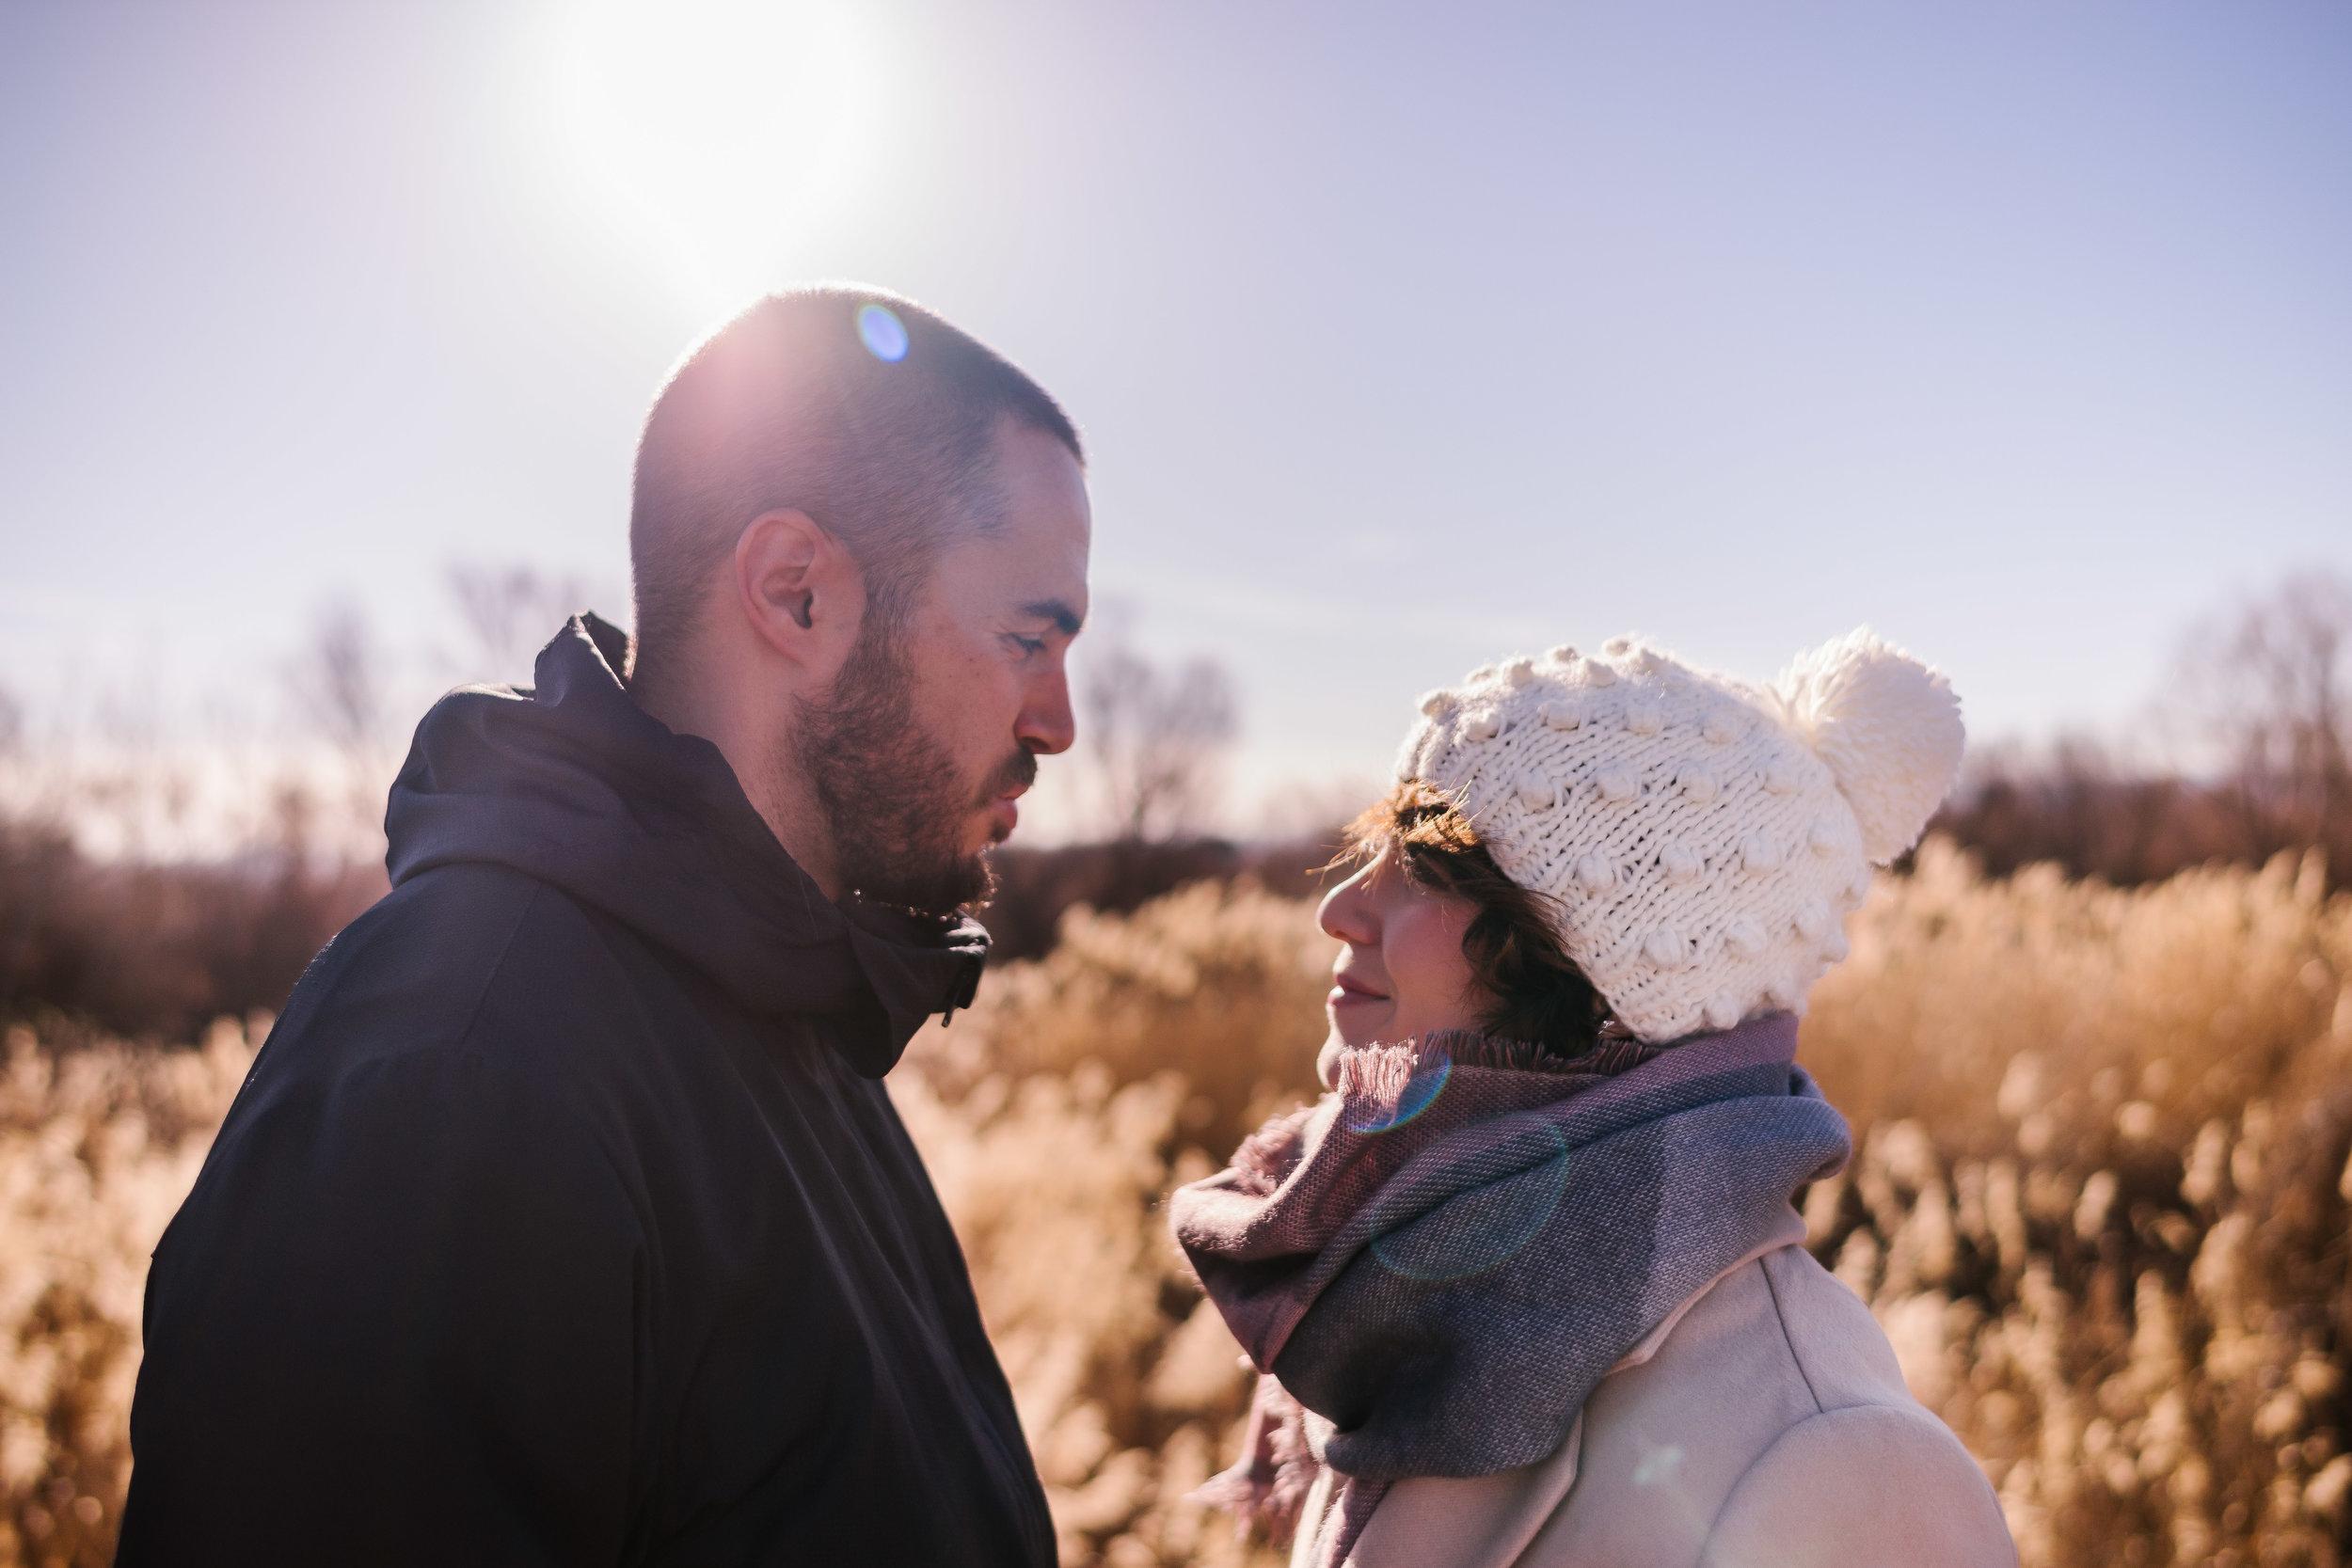 fotografo-de-boda-34.jpg